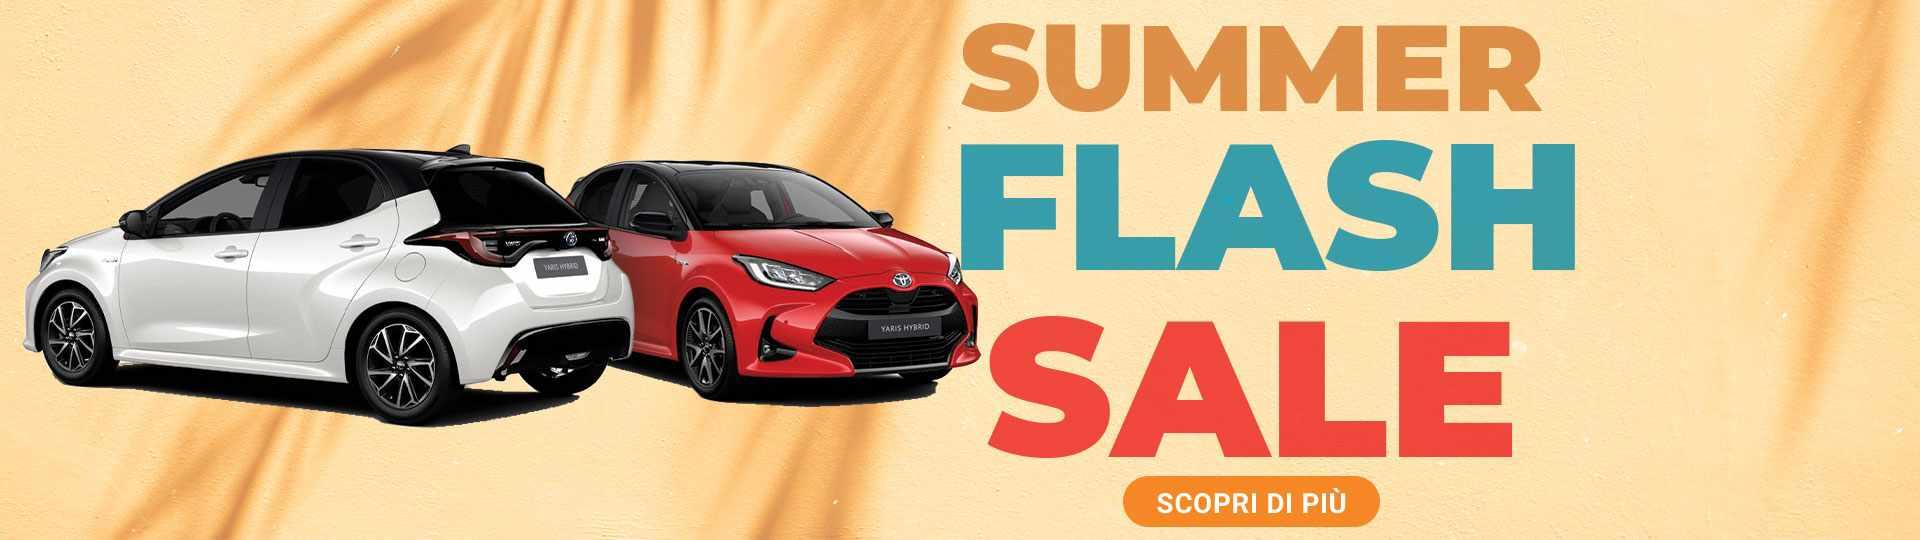 header_toyota_yaris_summer_flash_sales_giugno_2021_v1.jpg